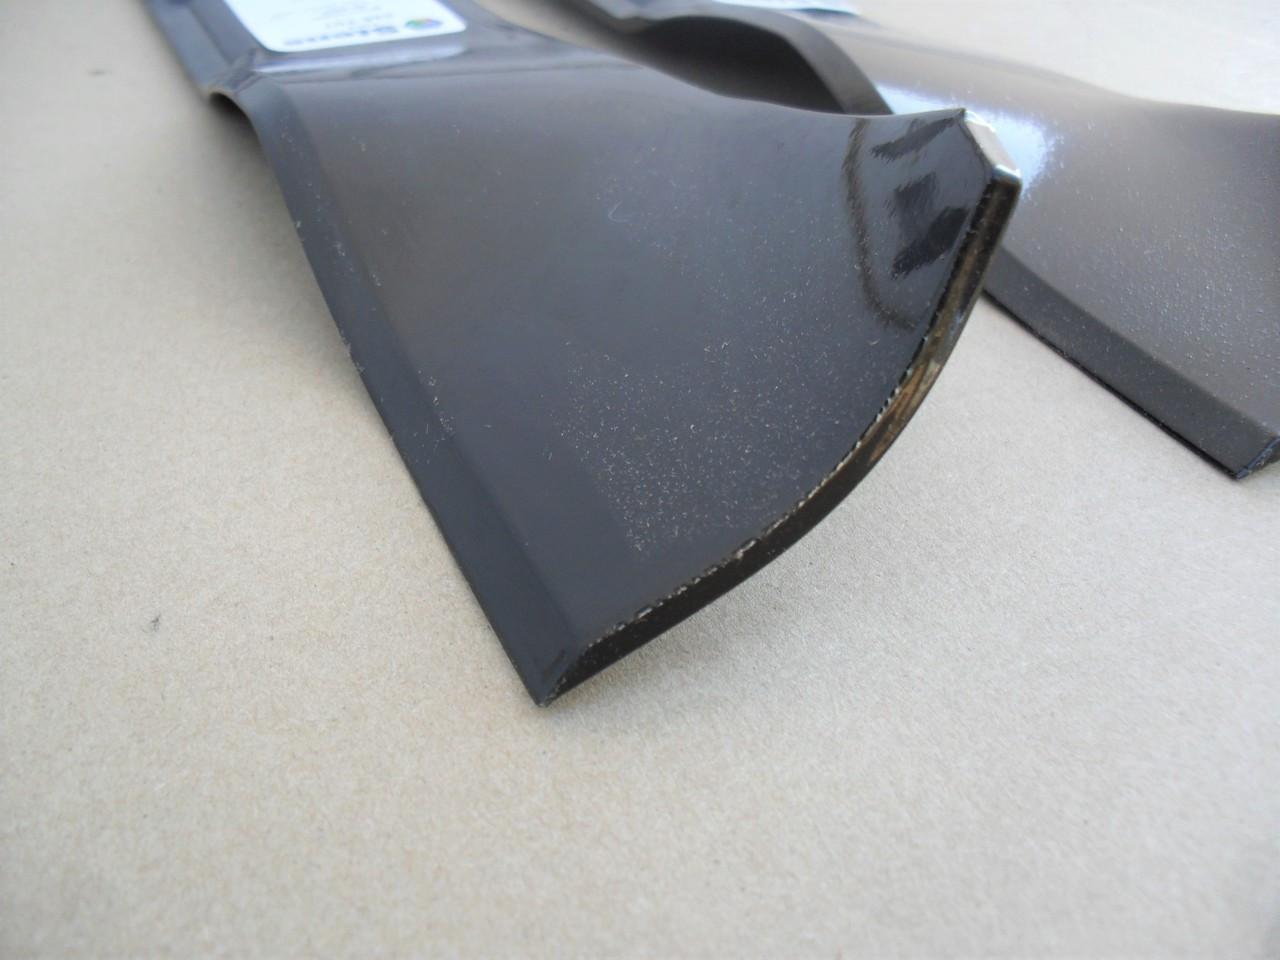 """Mulching Blades for Toro LX420, LX423, LX425, LX426, LX427, 13AX60RG744, 42"""" Cut 112-0315, 1120315, 98022, Made In USA, mulcher"""